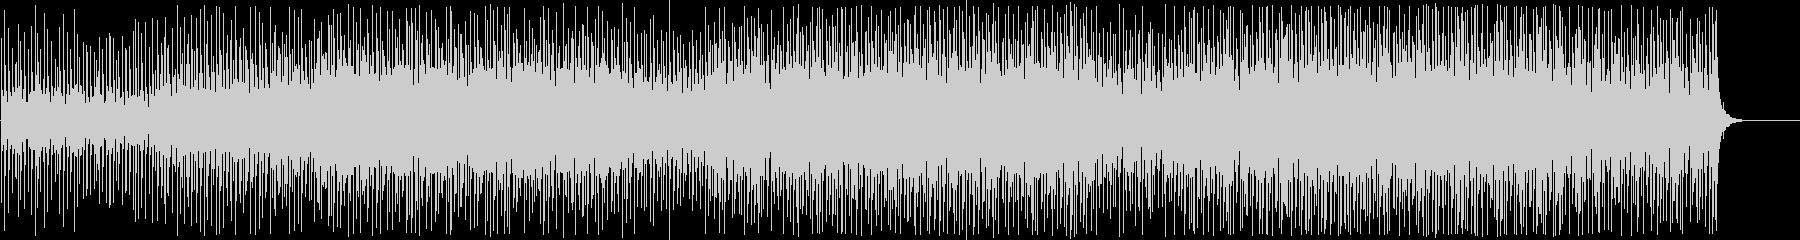 スピード感のあるハウスEDM/ドライブの未再生の波形